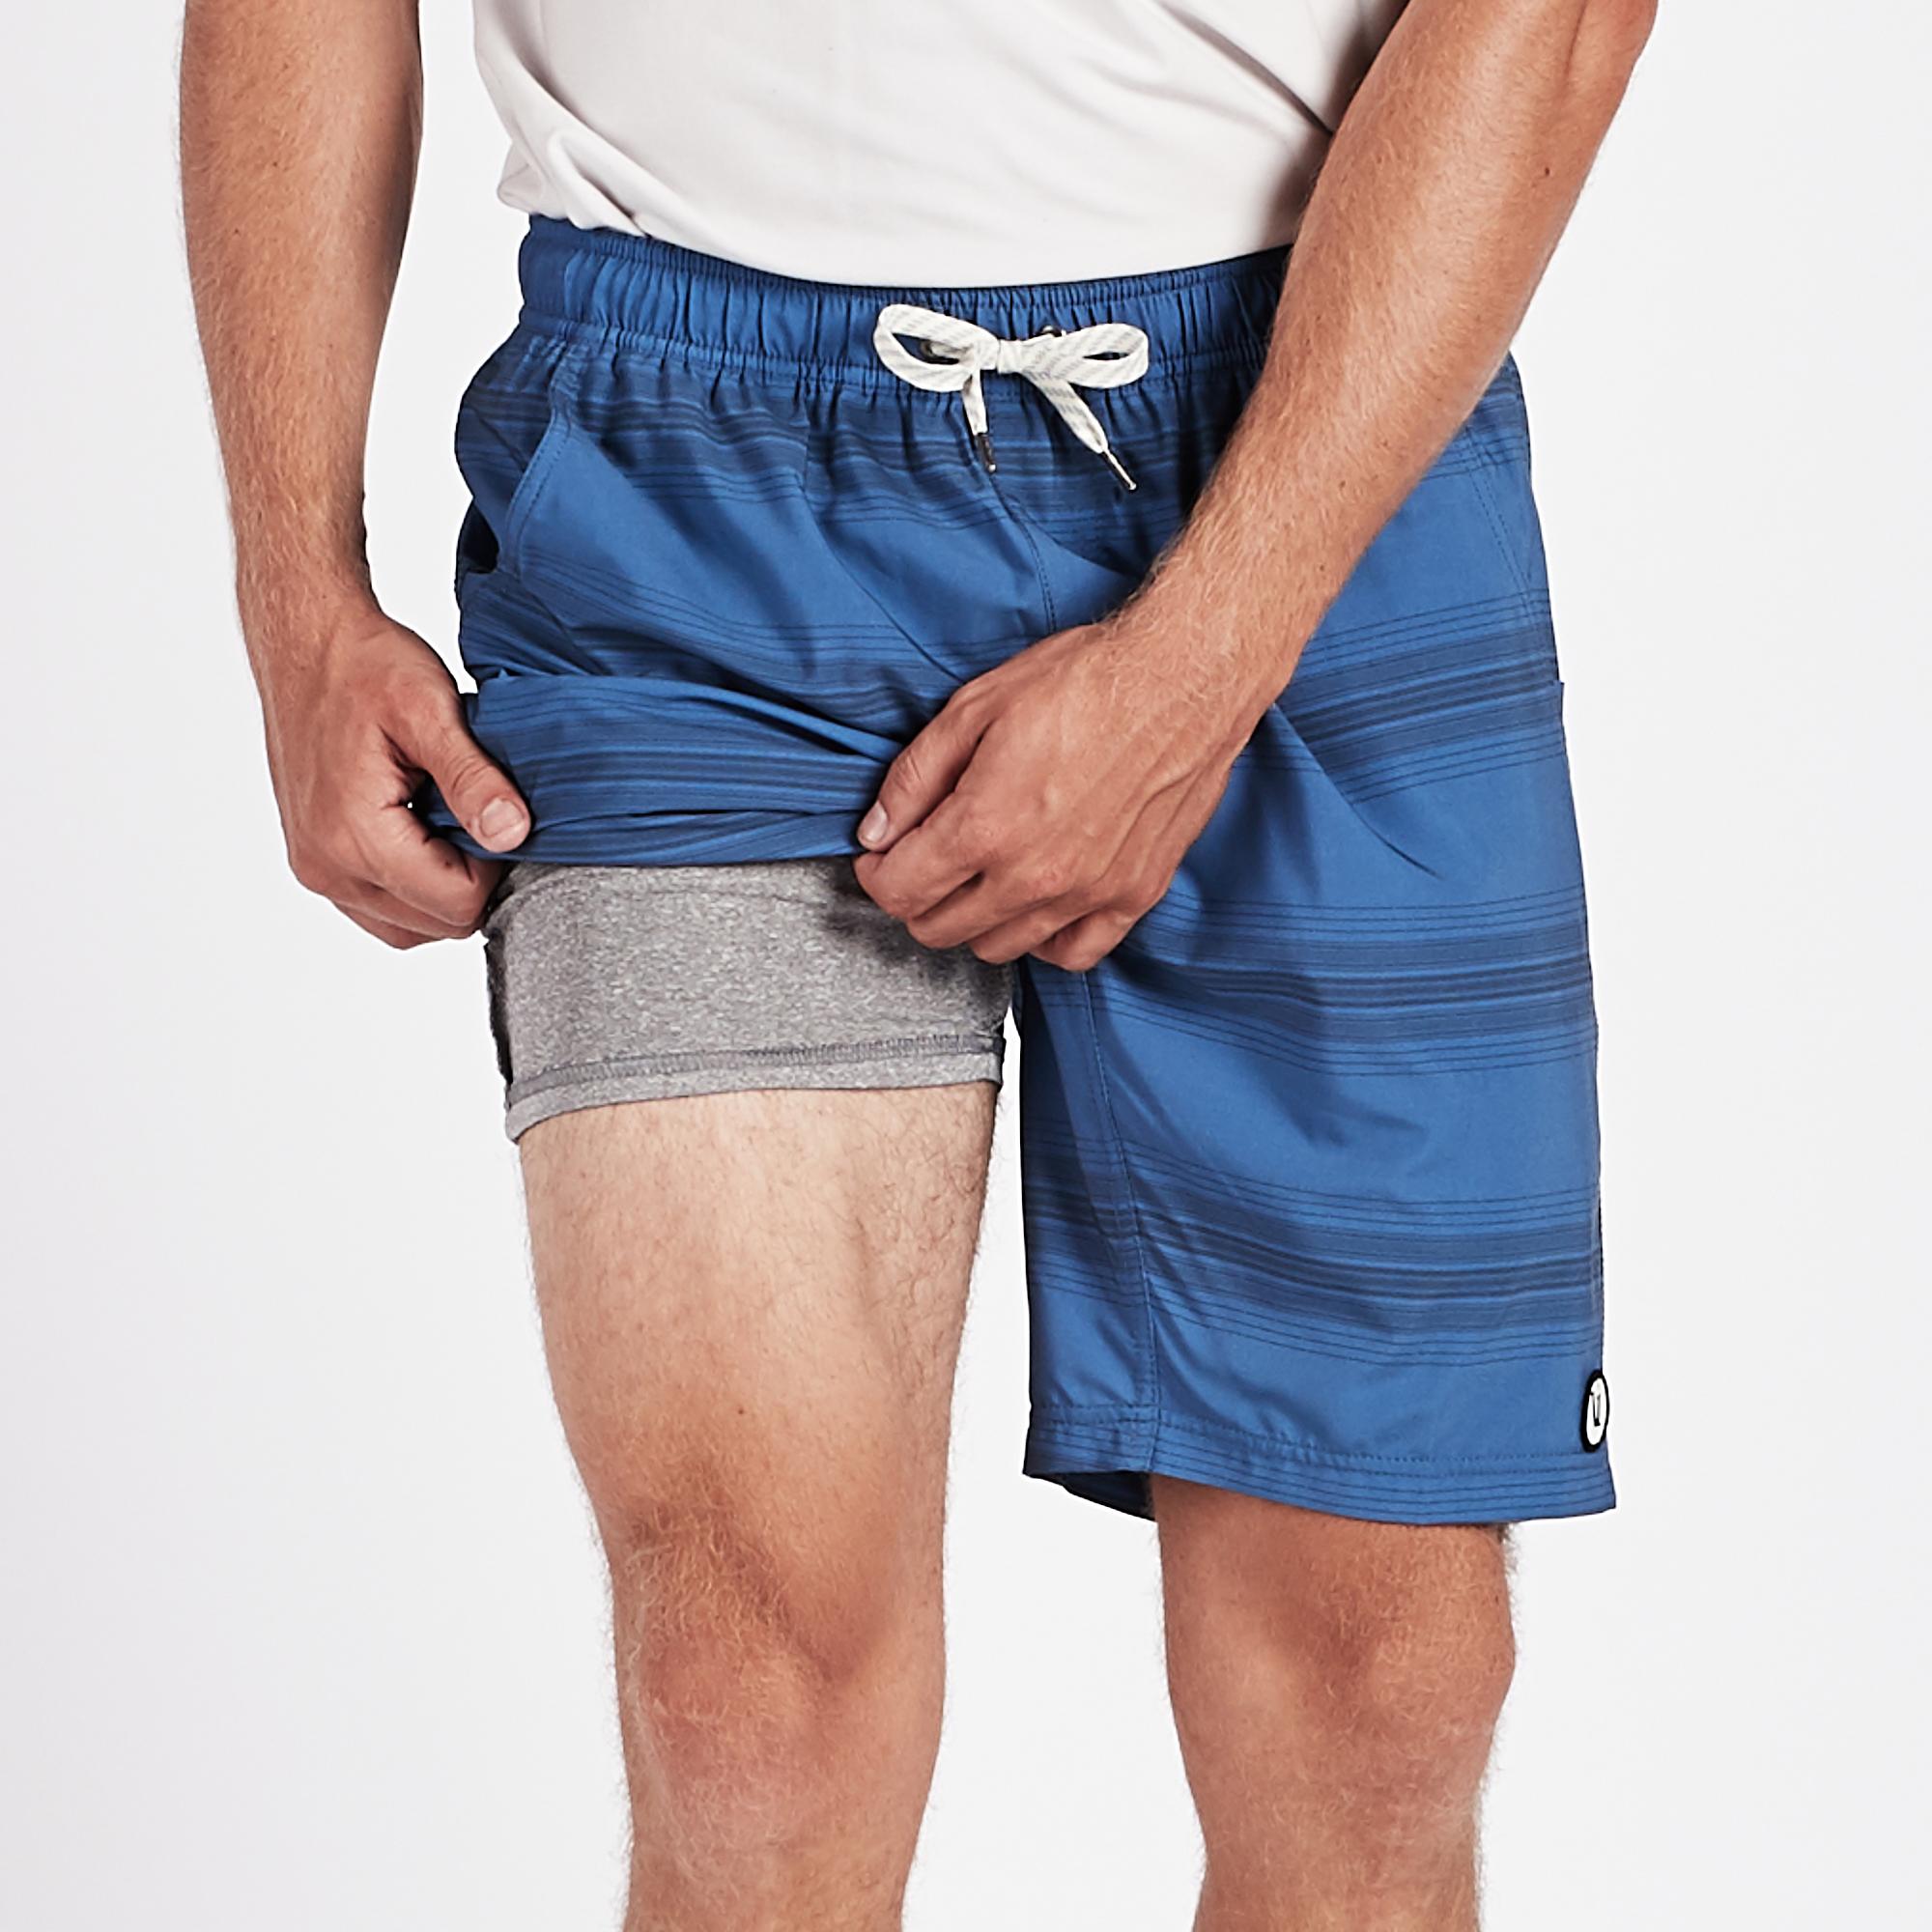 aa5478b089 Vuori Kore Shorts - Men's | MEC